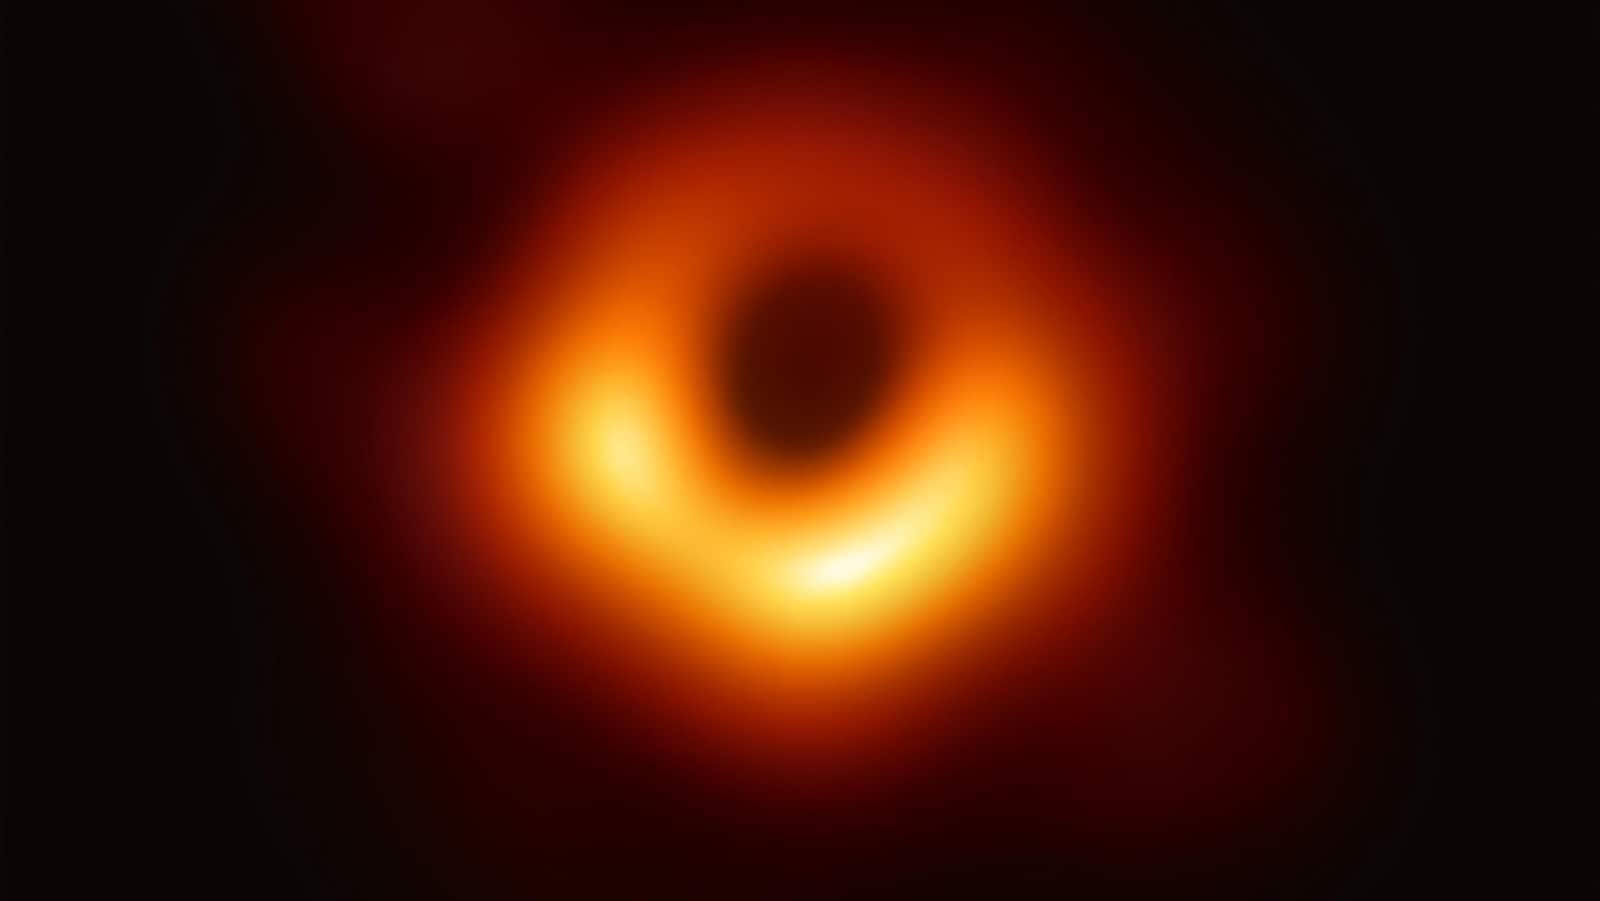 Le trou noir au centre de la galaxie Messier 87.